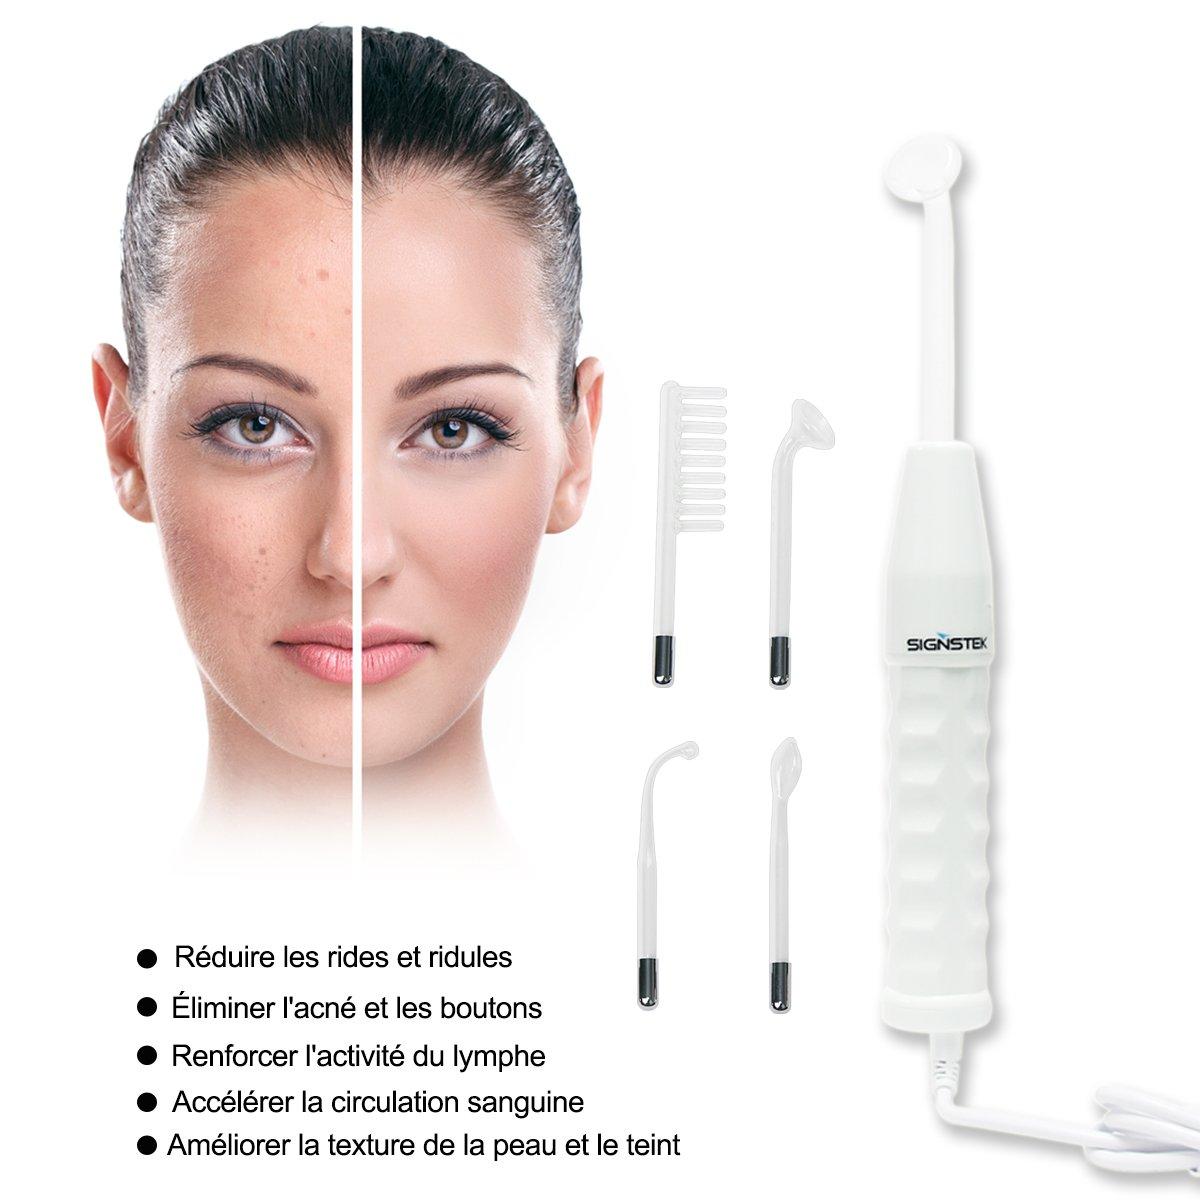 Signstek - Tratamiento facial de alta frecuencia para eliminar arrugas, acné y manchas, Enchufe de estándar europeo: Amazon.es: Hogar